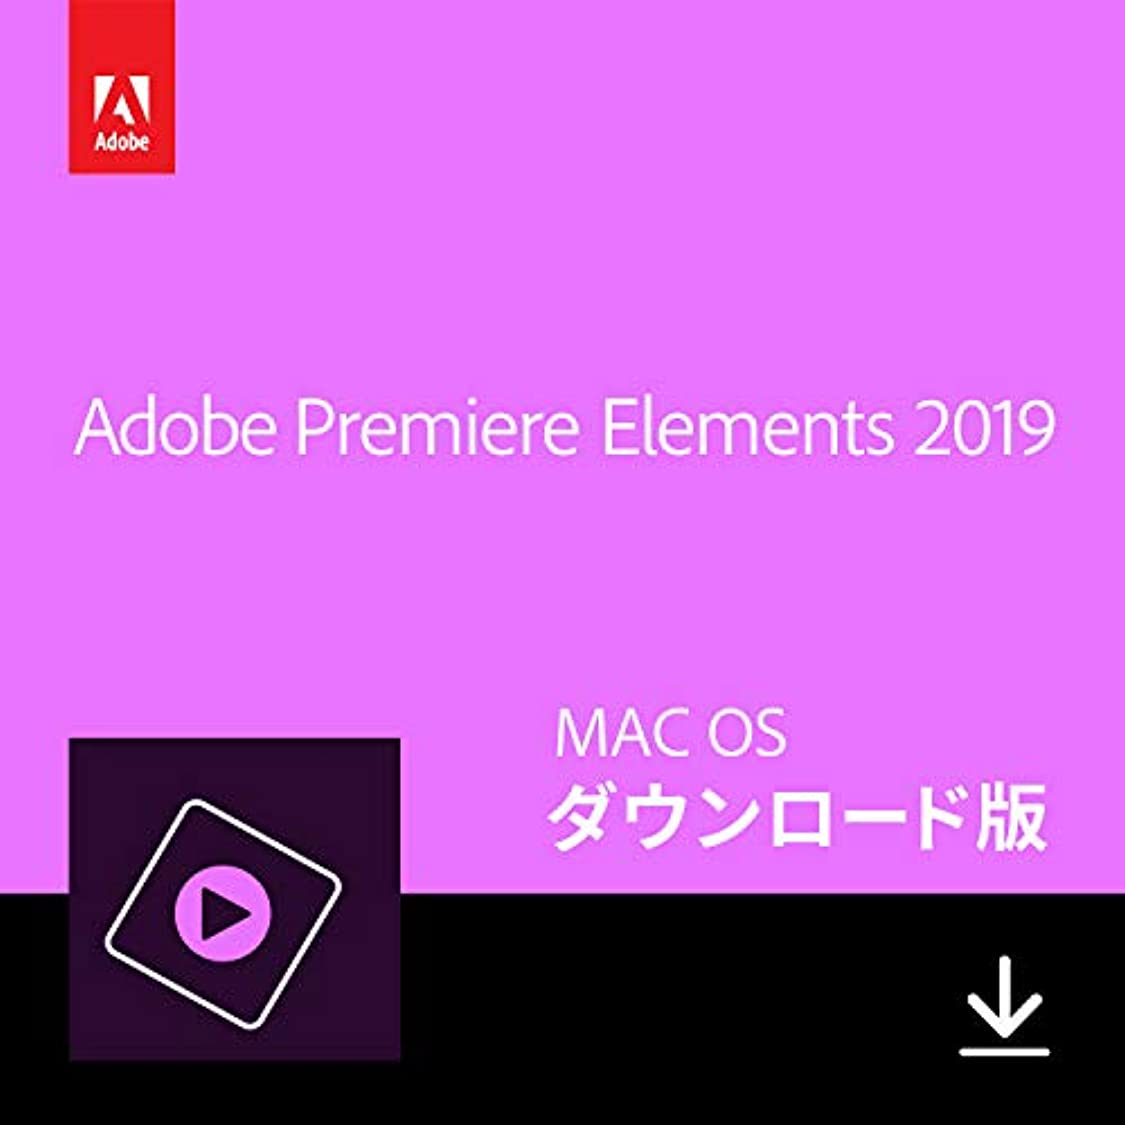 望む急勾配の使用法Adobe Premiere Elements 2019 Mac版 オンラインコード版